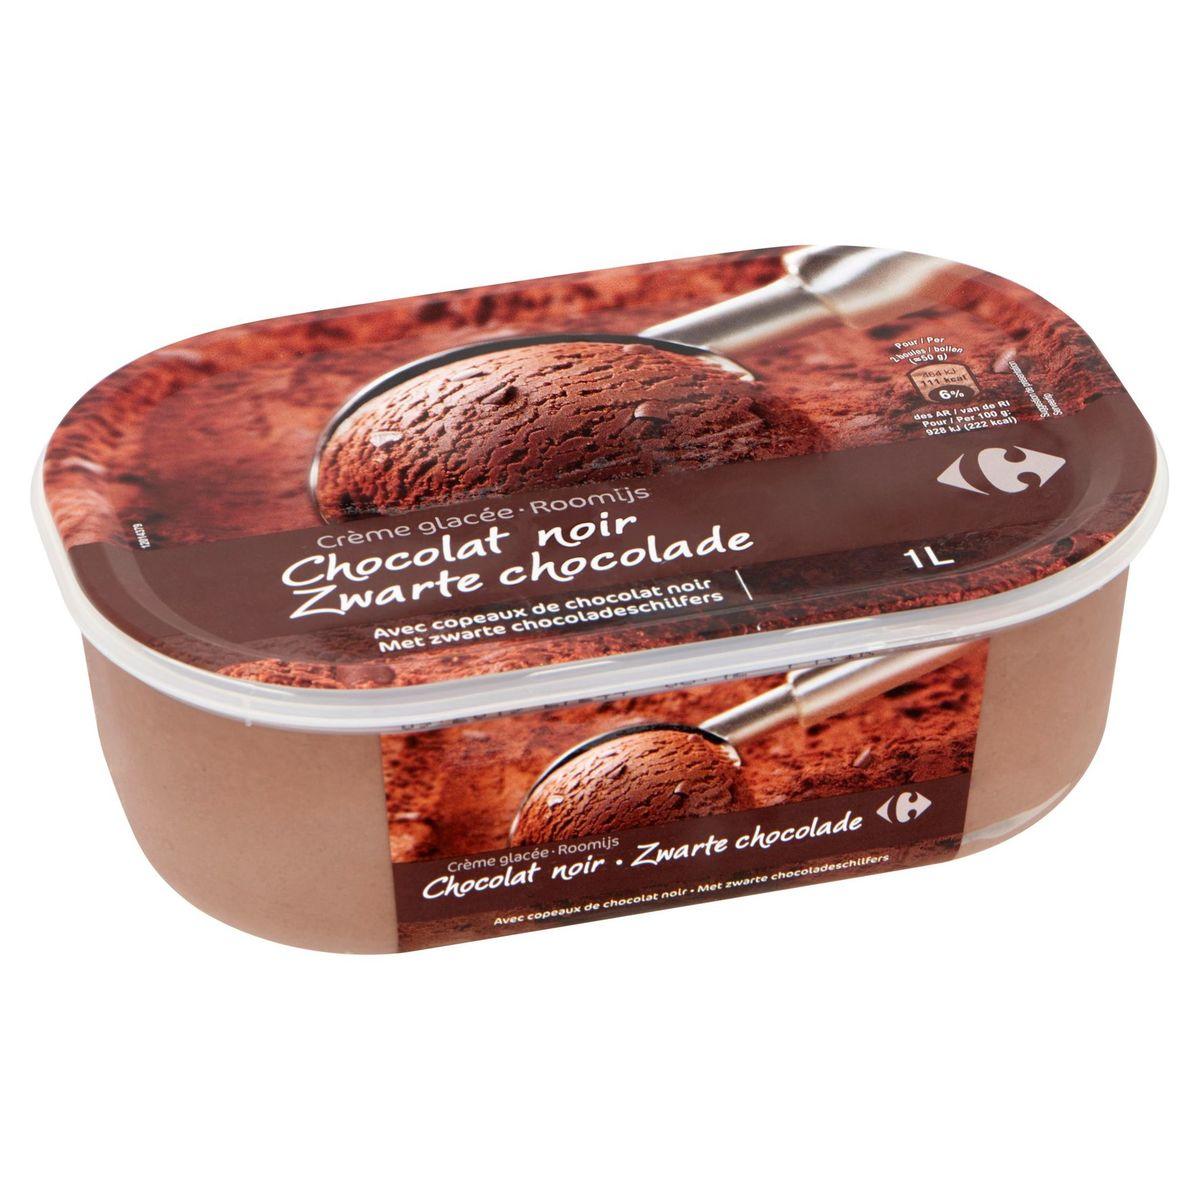 Carrefour Crème Glacée Chocolat Noir 500 g